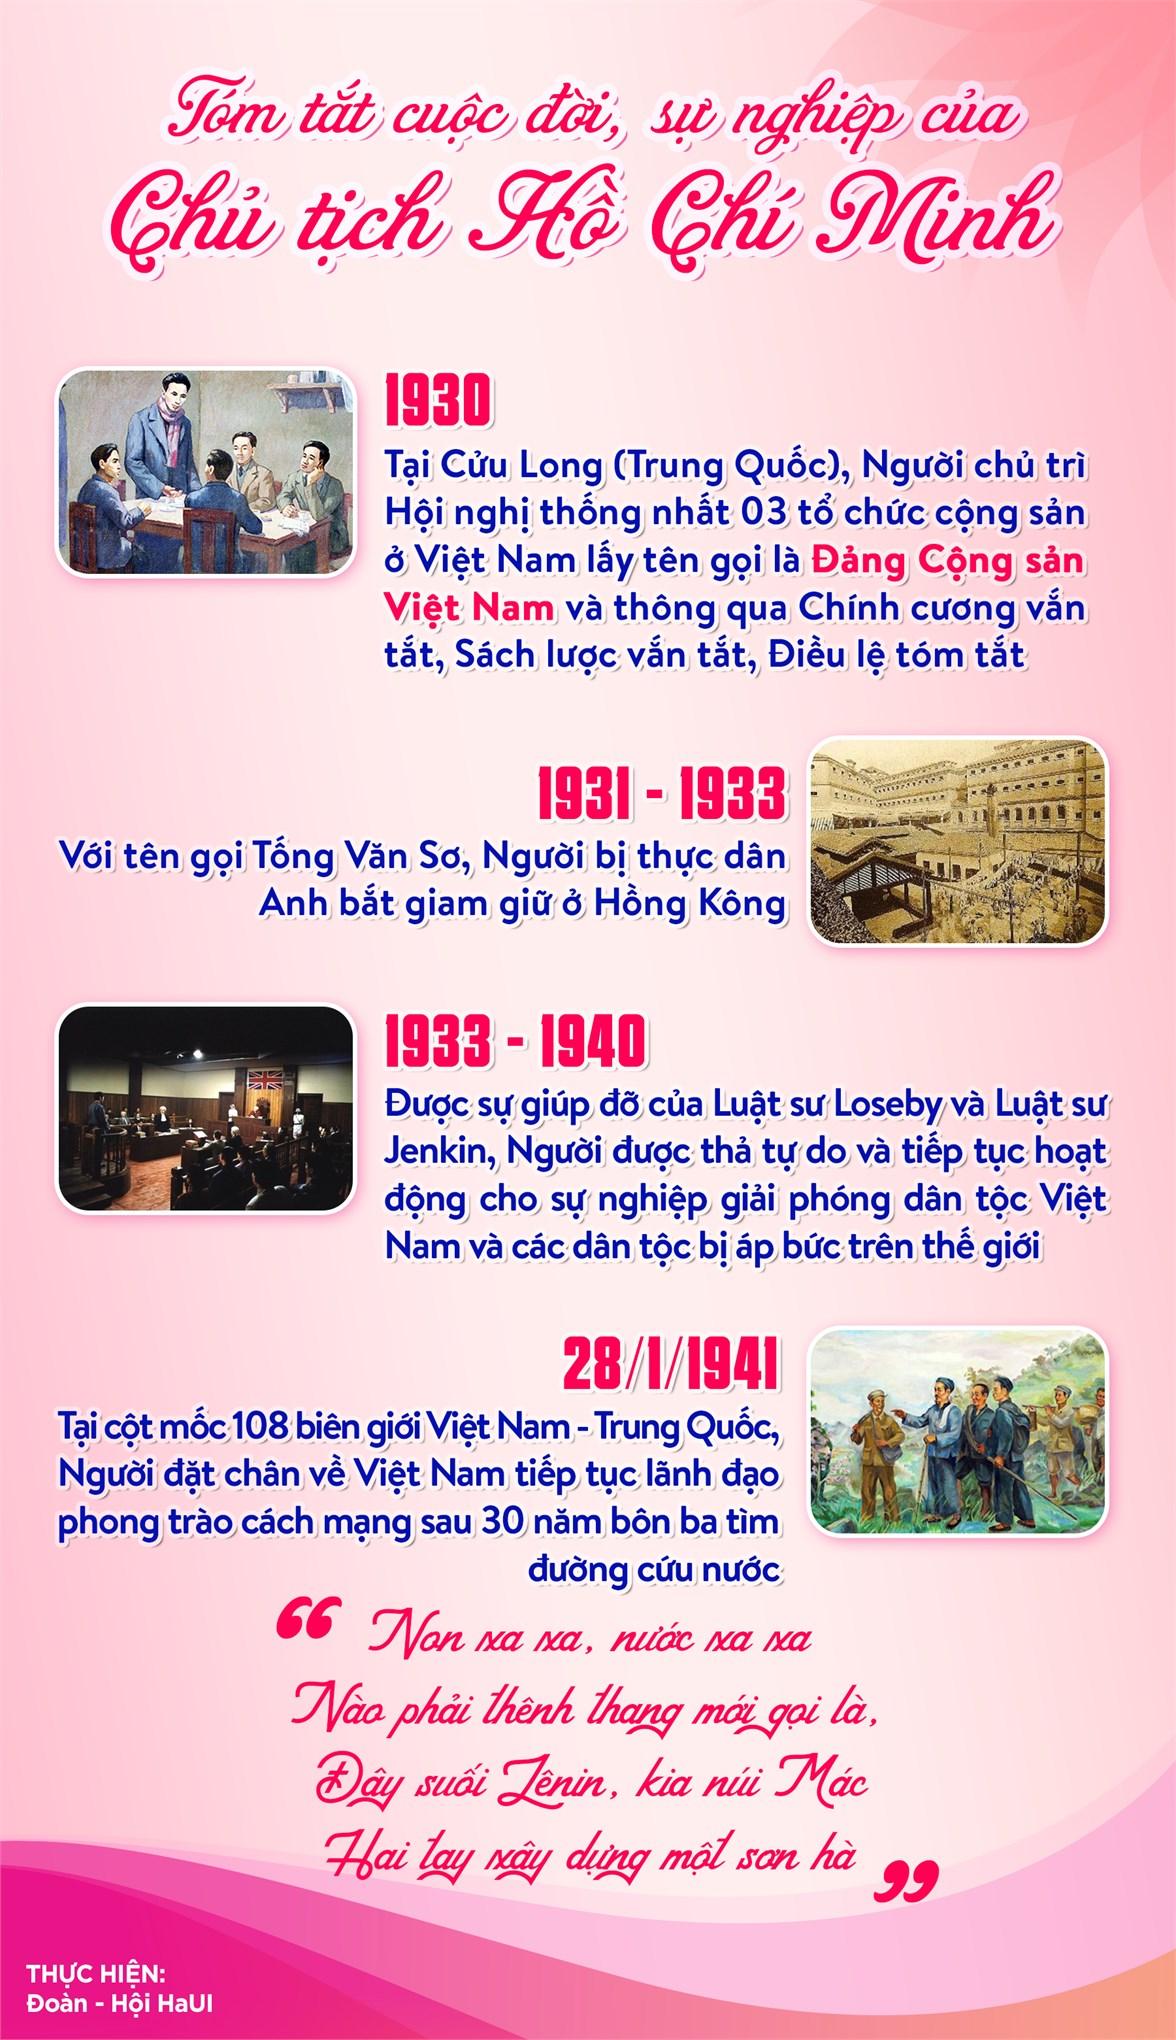 CUỘC ĐỜI VÀ SỰ NGHIỆP CỦA CHỦ TỊCH HỒ CHÍ MINH (1890 - 1969)